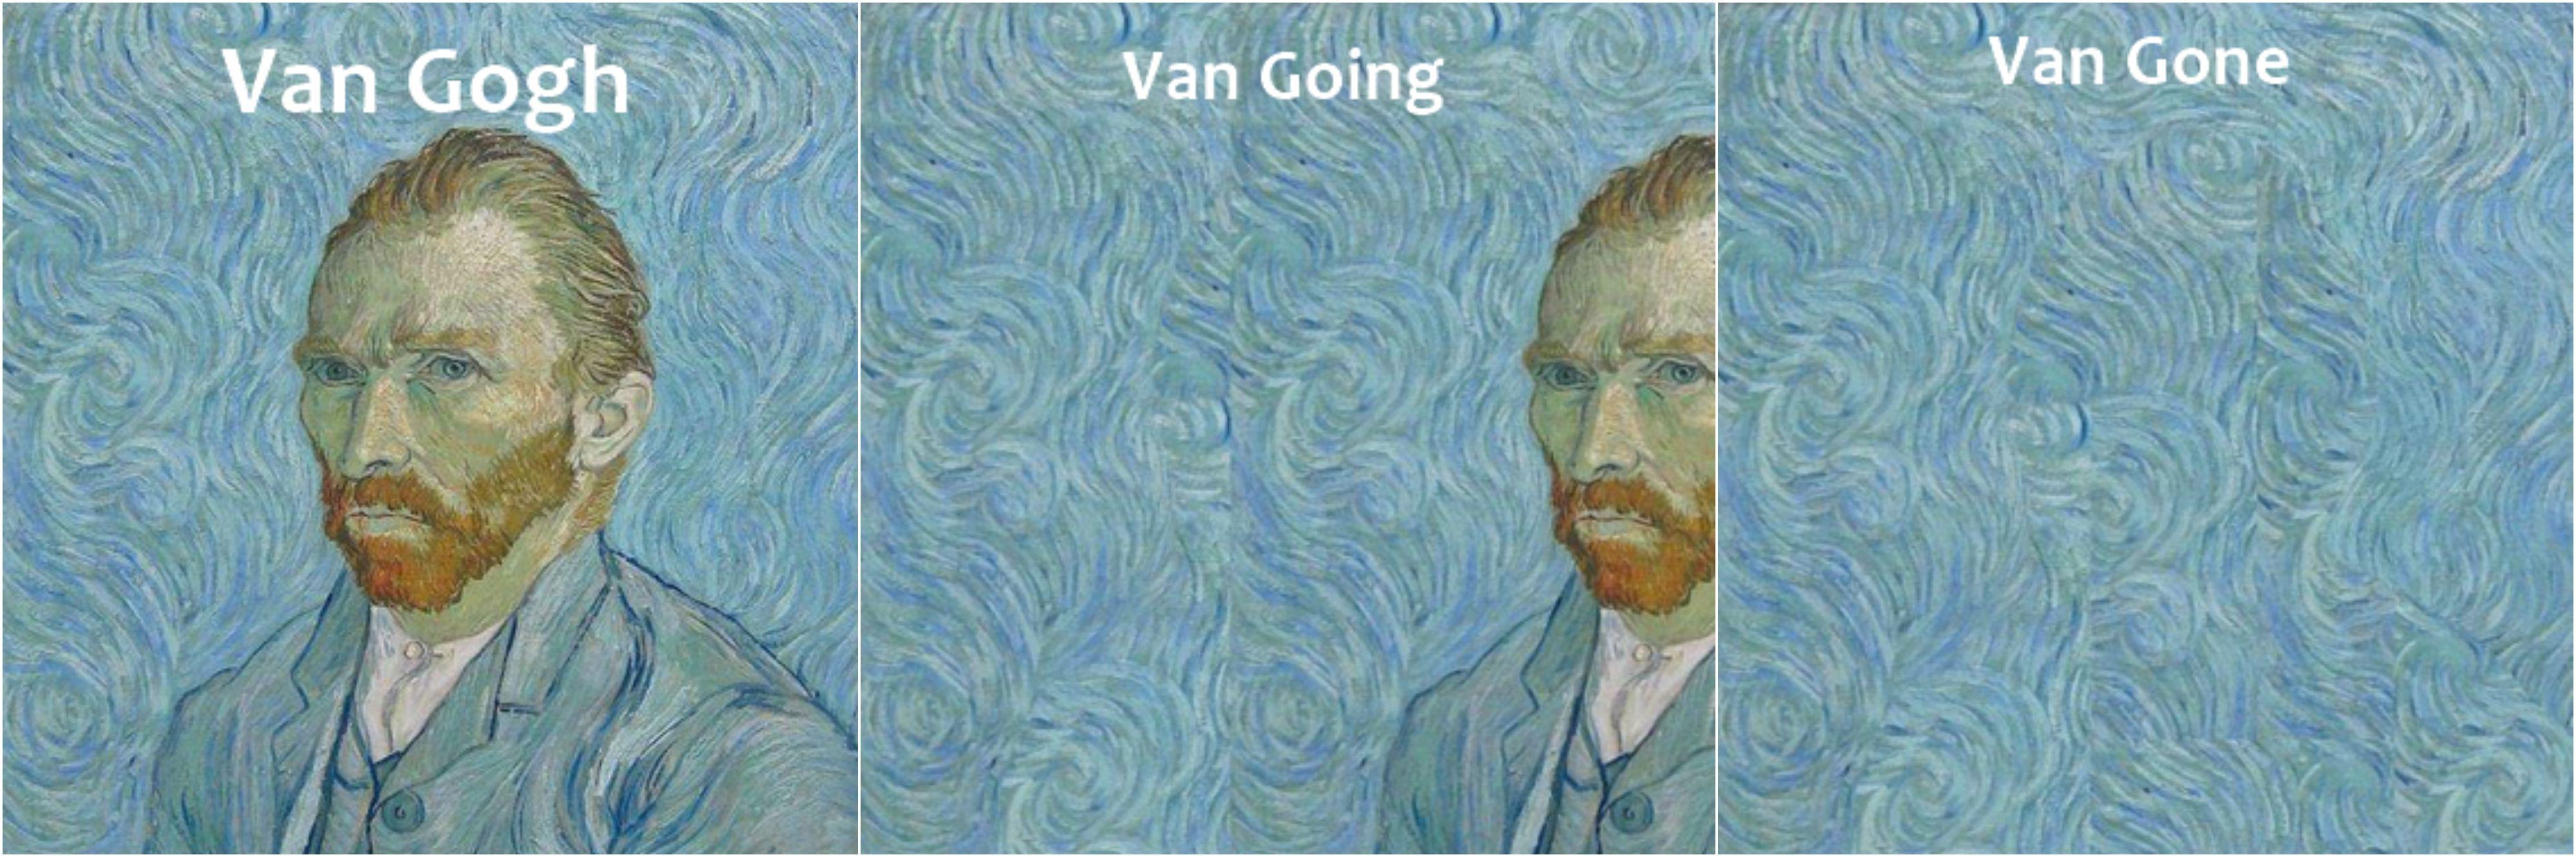 van gogh meme | Van gogh, Van gogh paintings, Gogh